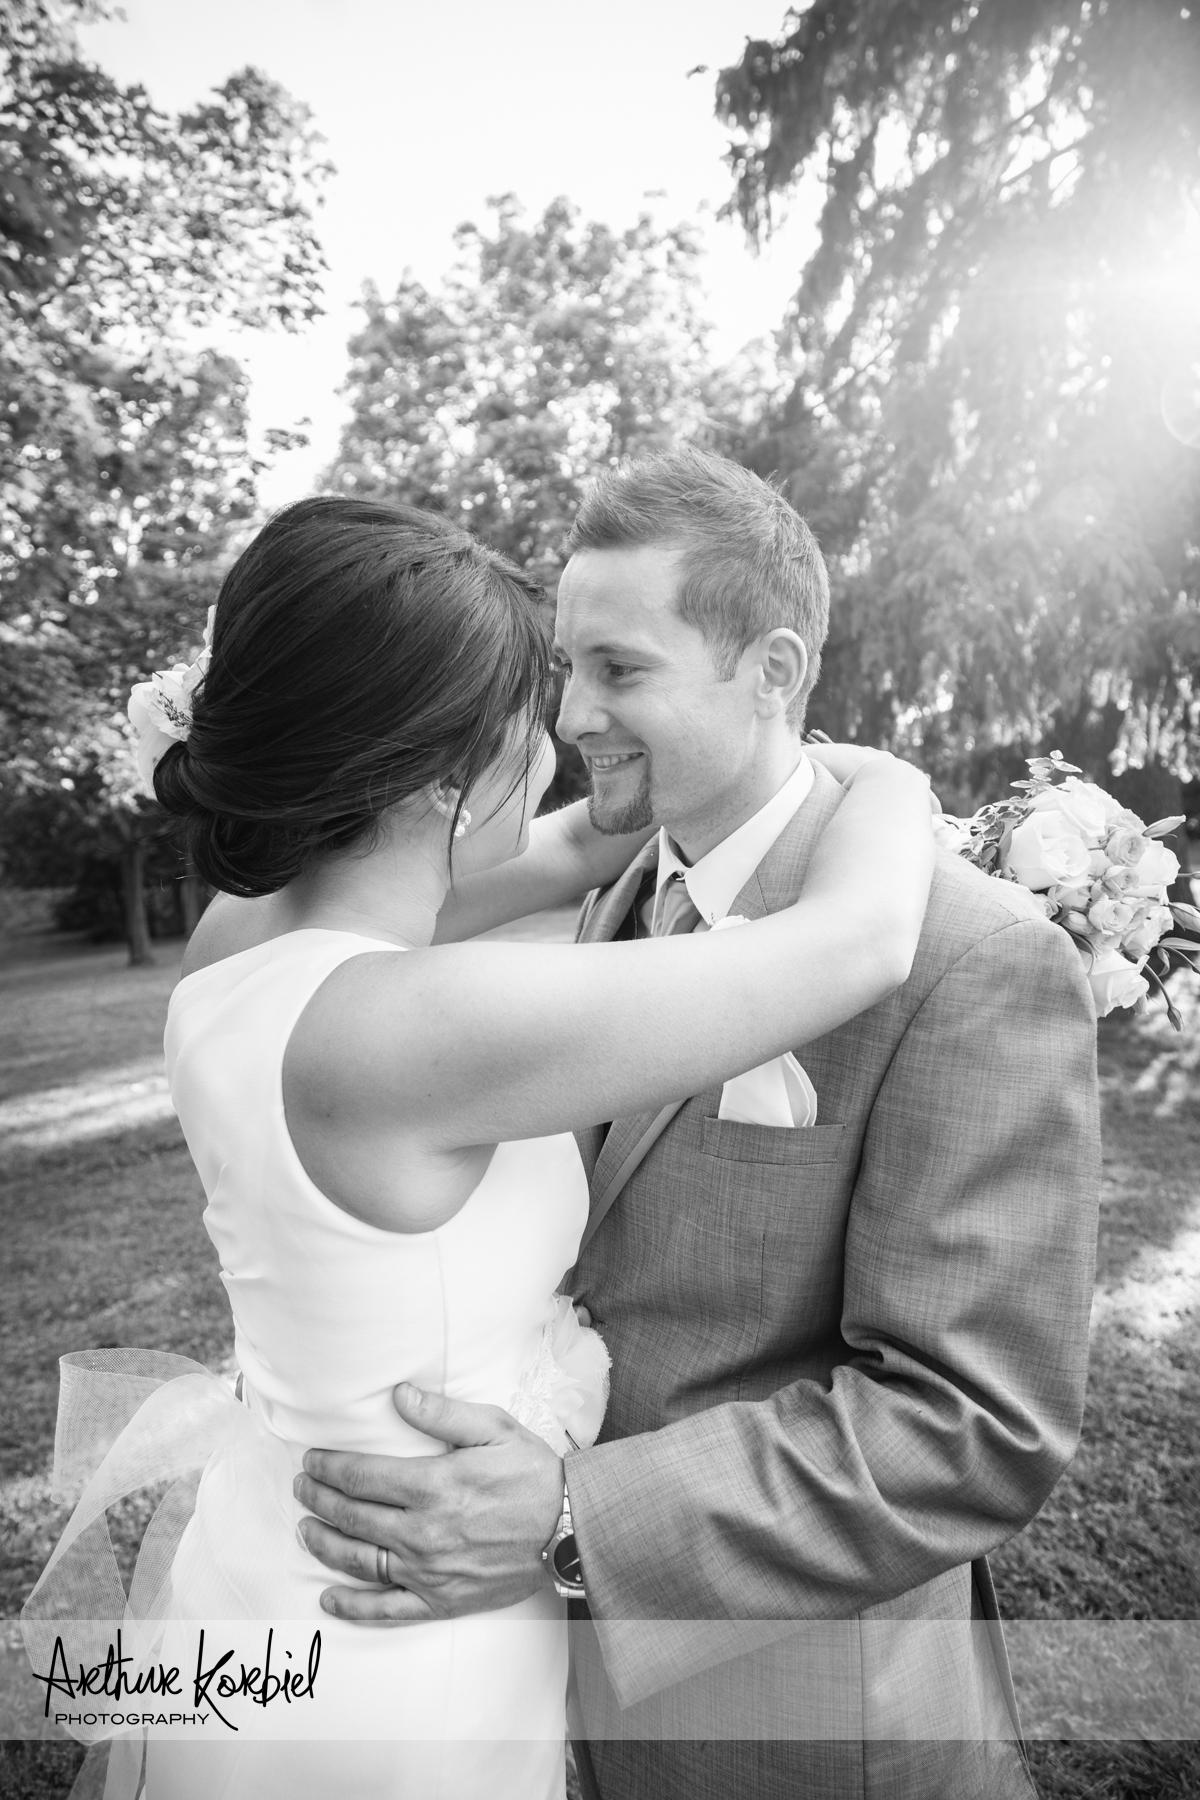 Arthur Korbiel Photography - London Wedding Photographer - Harper-004.jpg